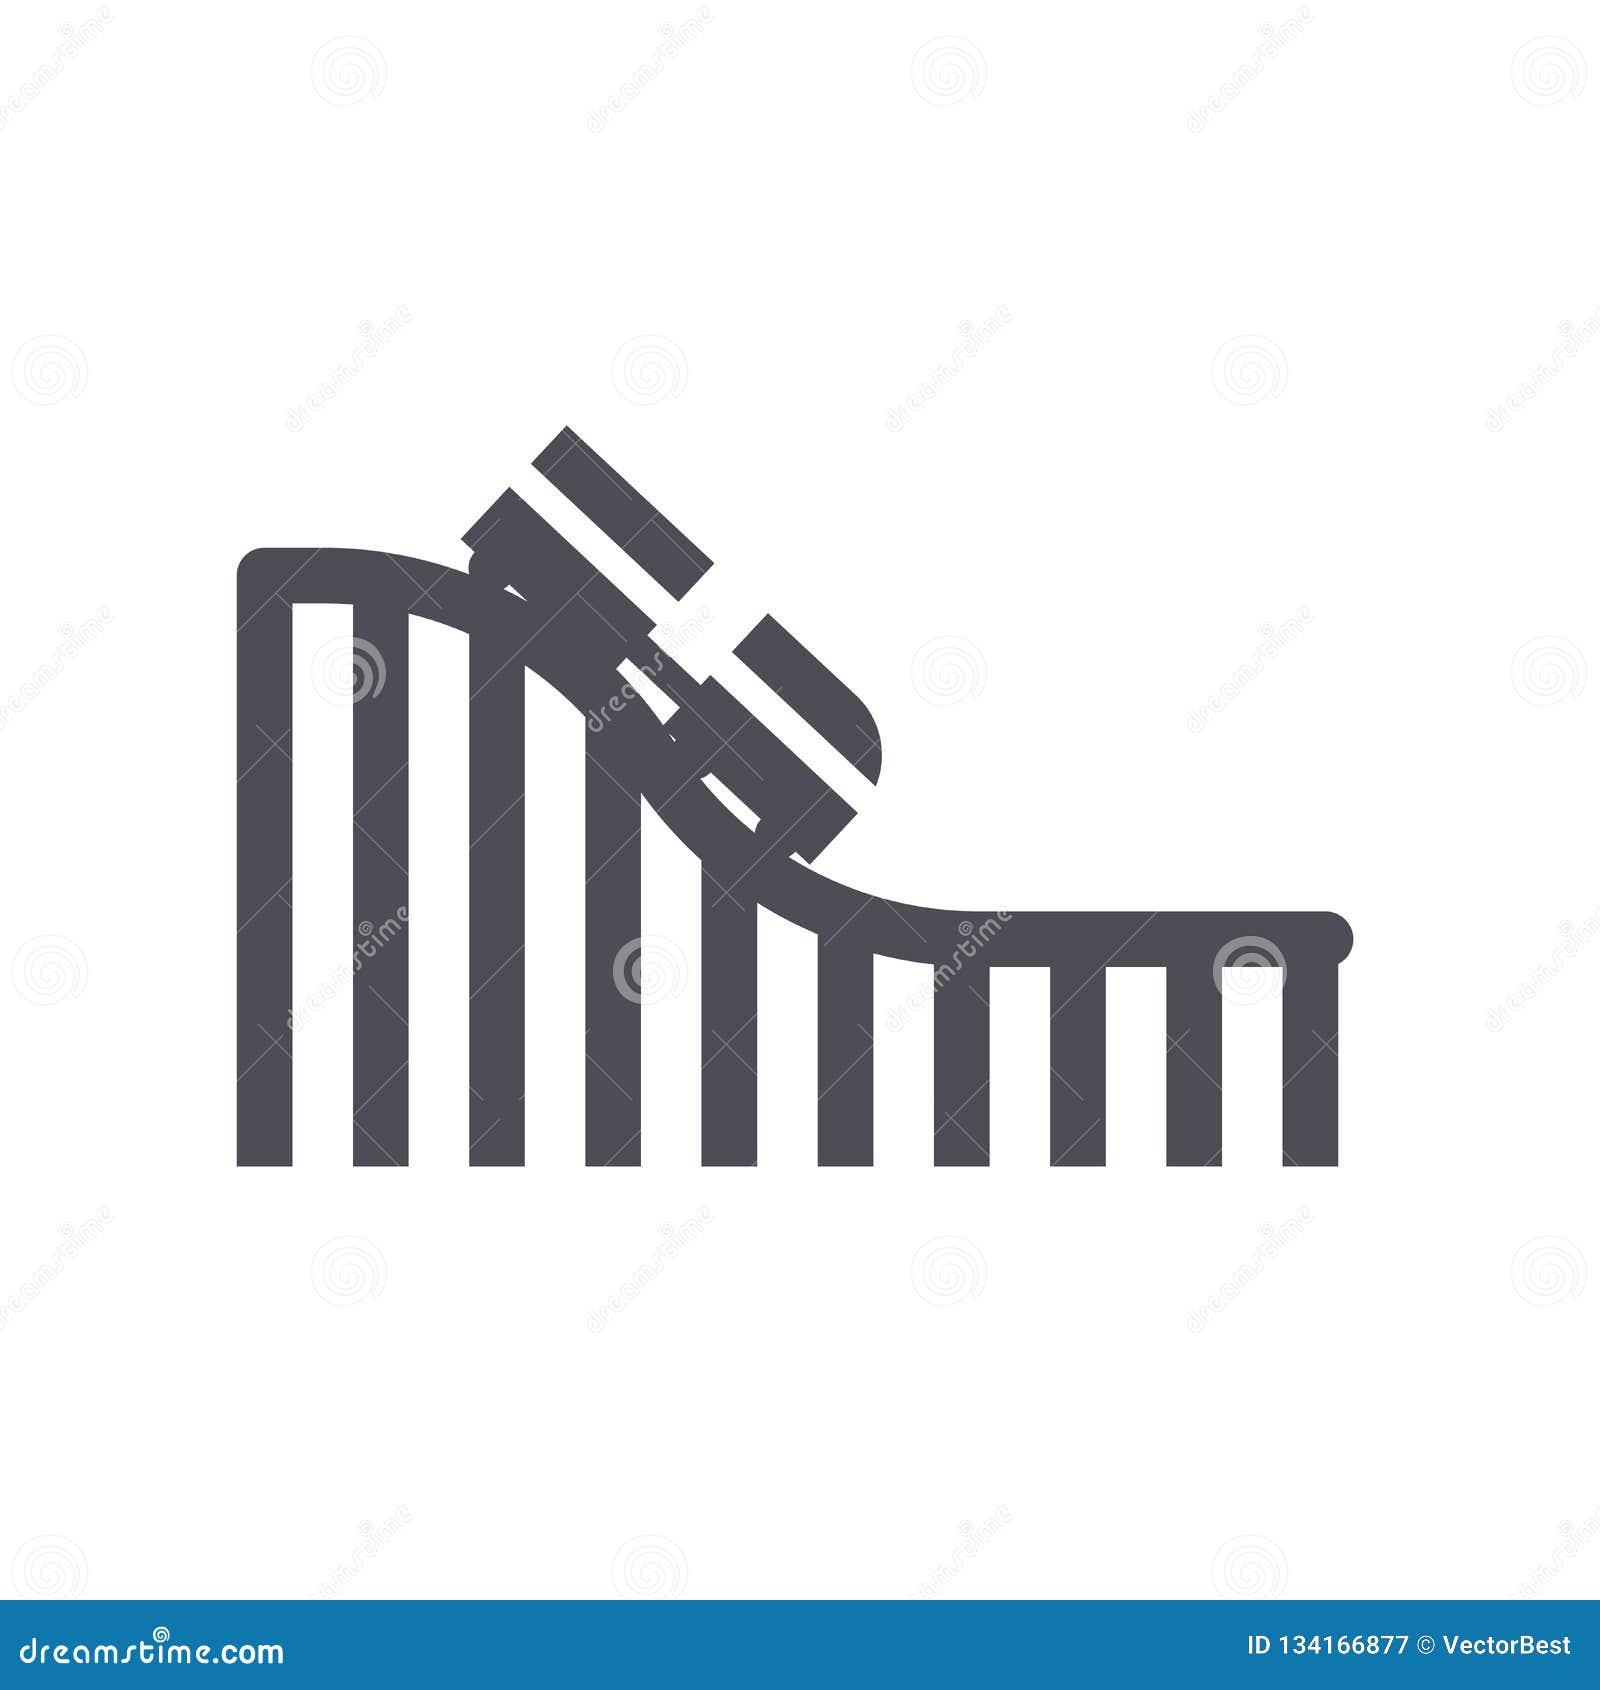 Muestra y símbolo del vector del icono de la montaña rusa aislados en el fondo blanco, concepto del logotipo de la montaña rusa